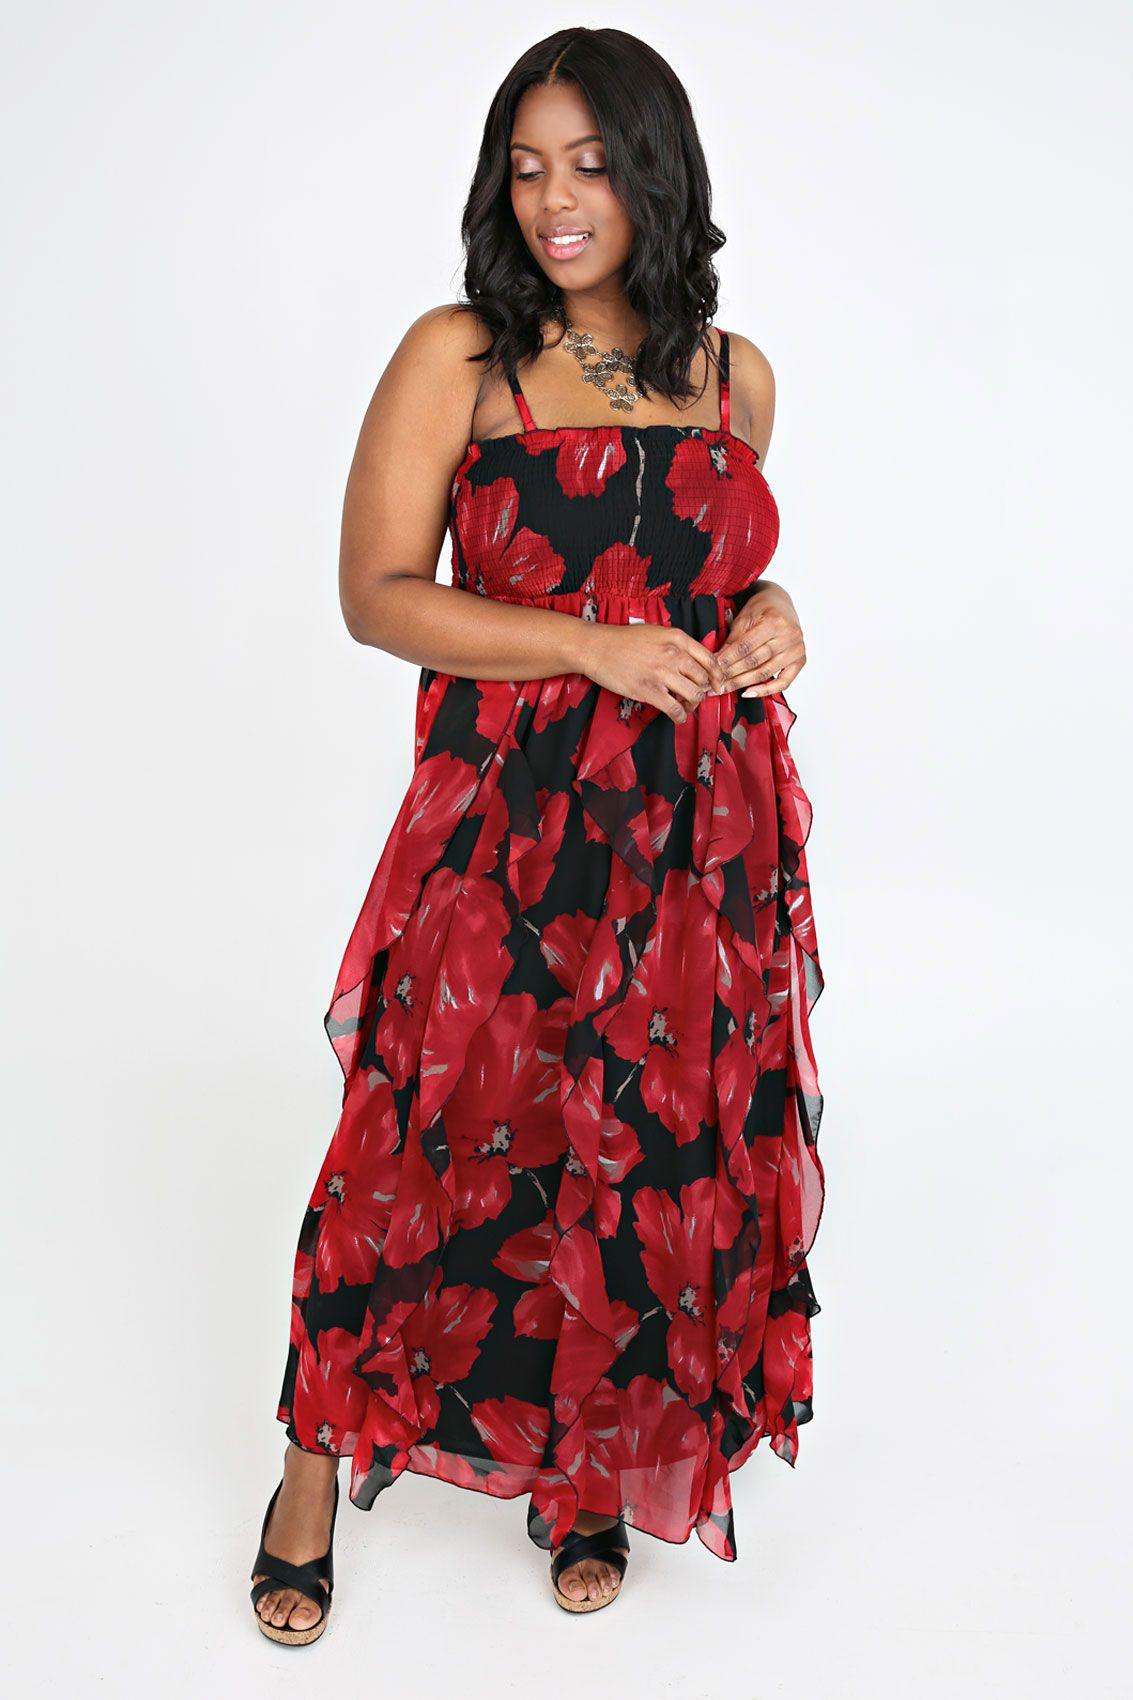 Red Black Floral Print Frill Maxi Dress Petite Plus Size 16 18 20 24 26 28 30 32 34 36 Petite Maxi Dress Maxi Dress Plus Size Maxi Dresses [ 1700 x 1133 Pixel ]